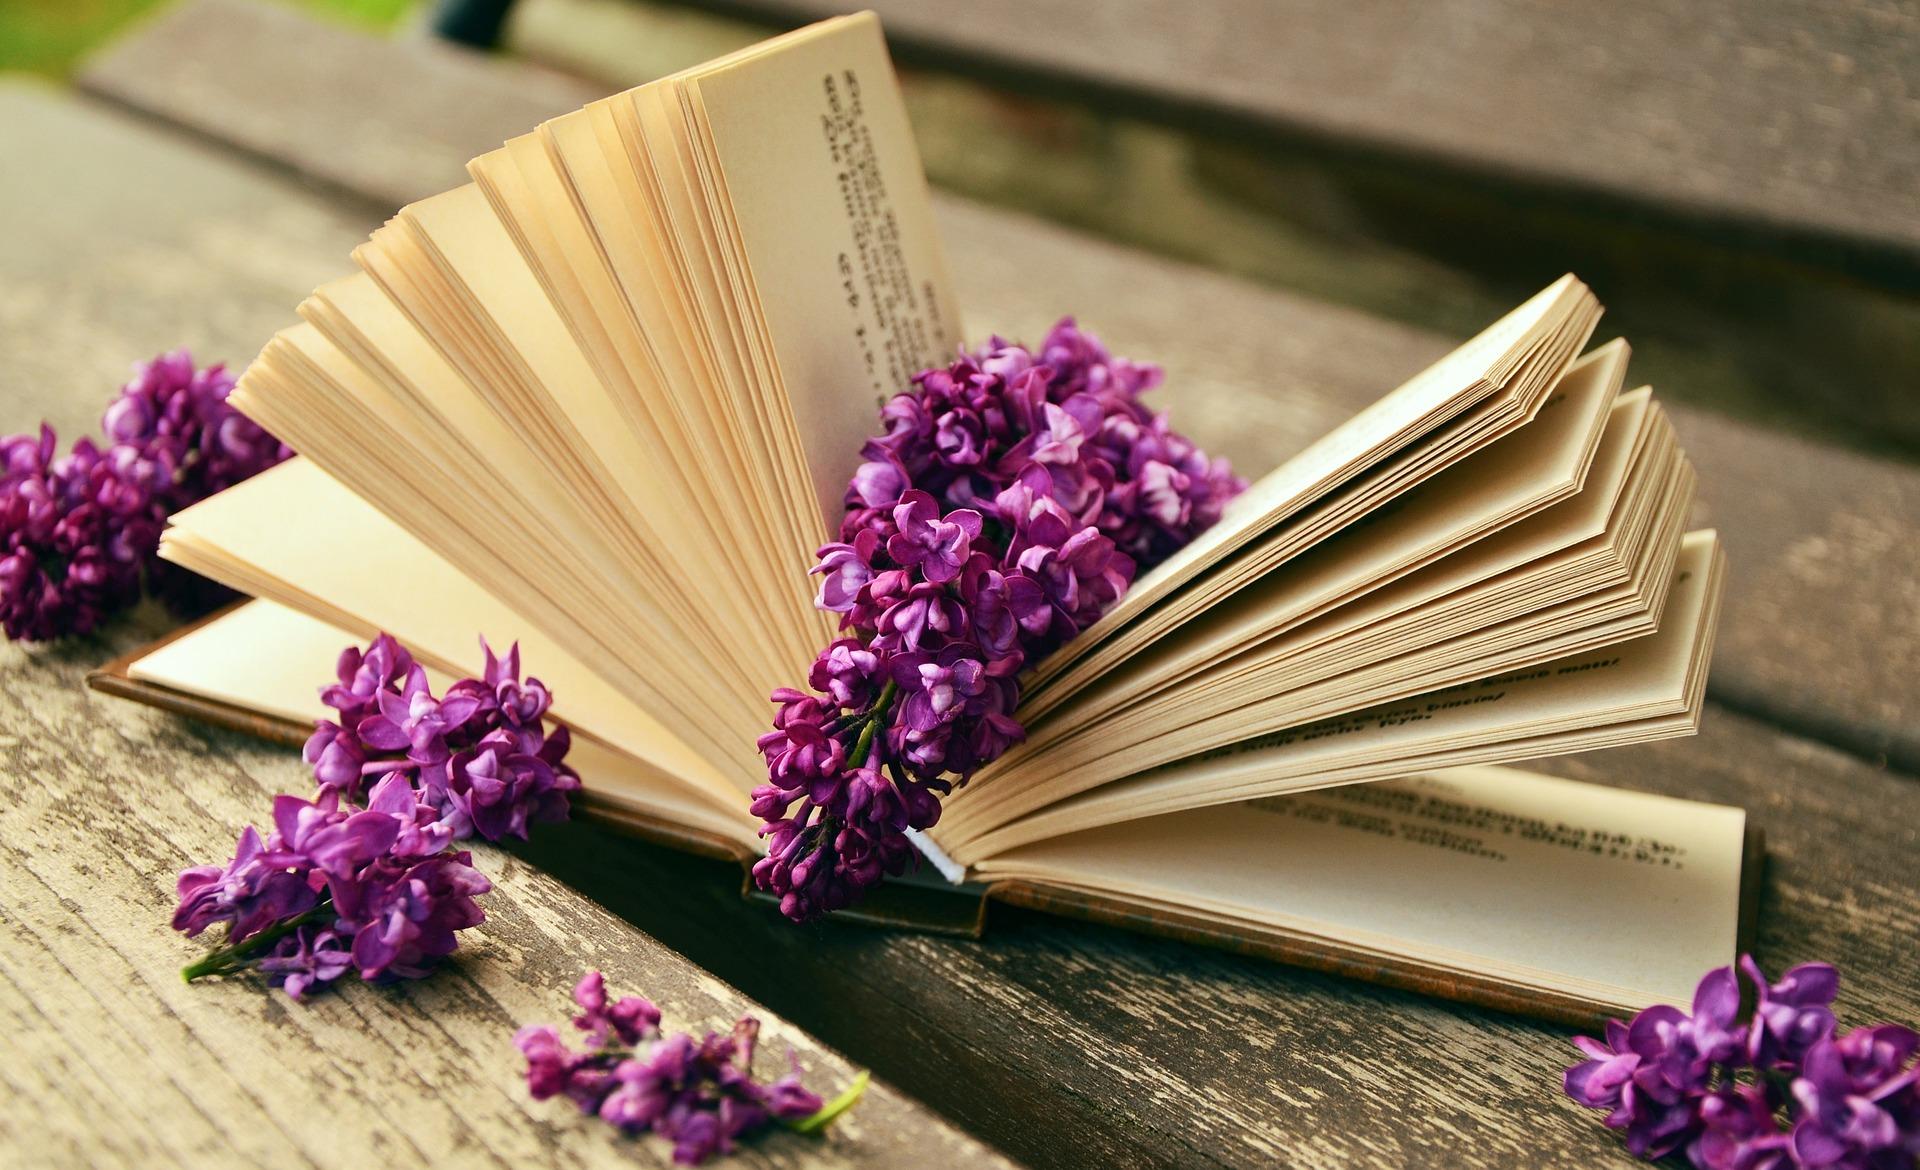 Ler é muito bom e ajuda a melhorar a qualidade de vida